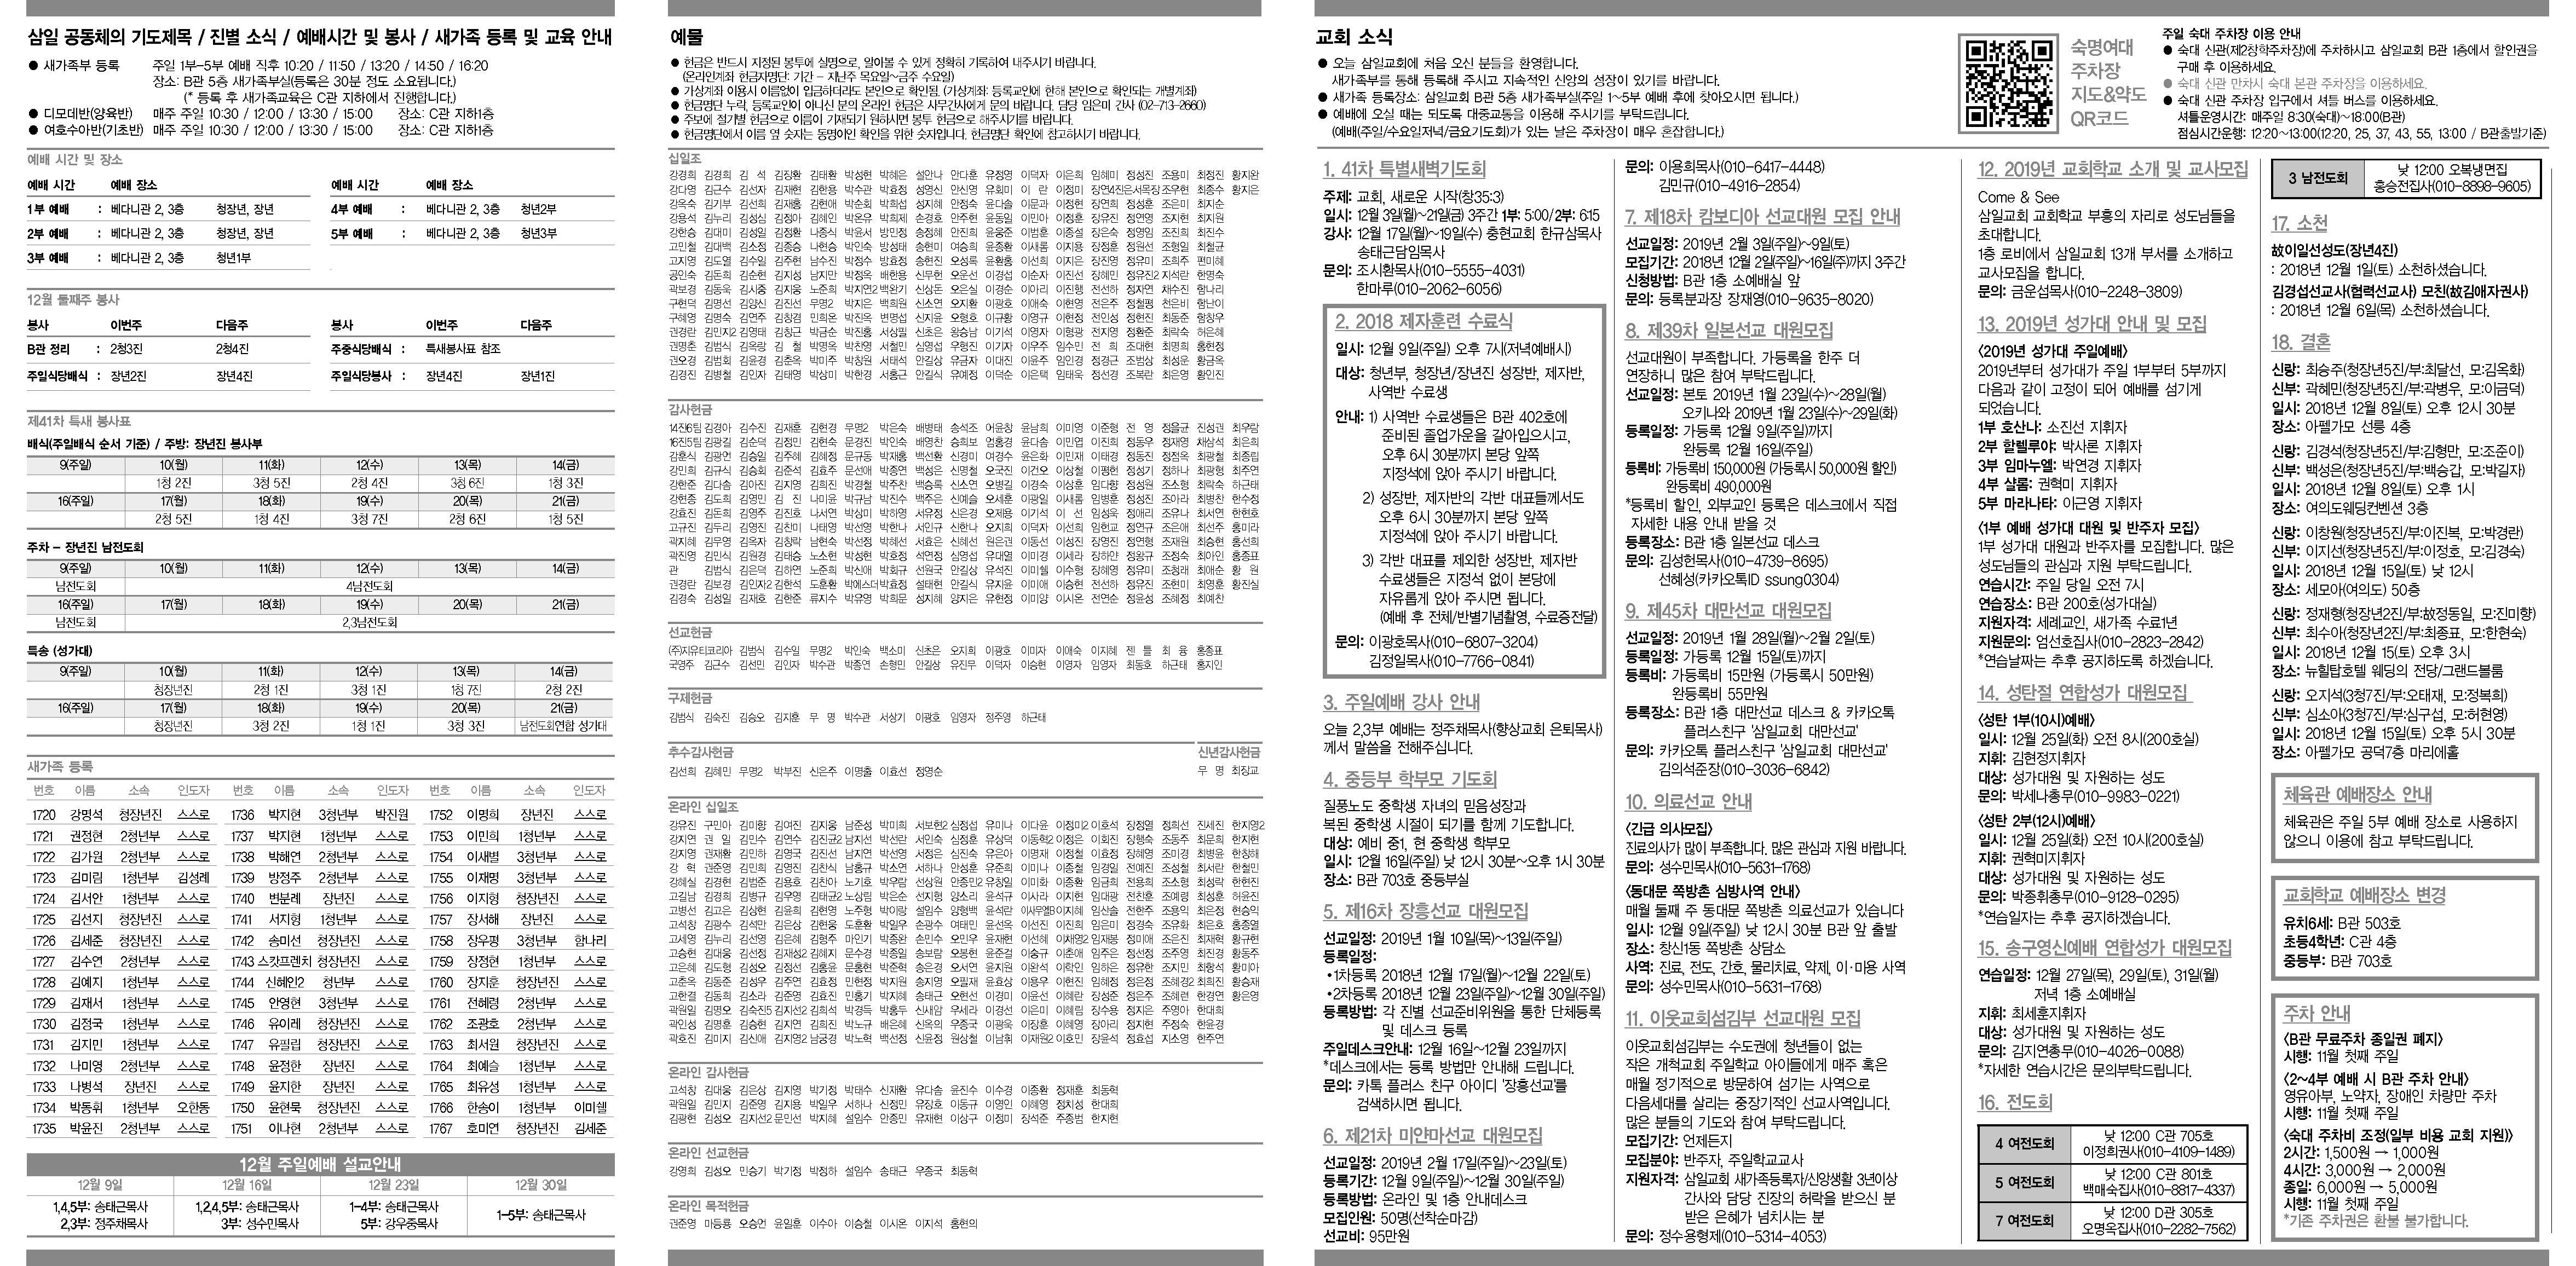 20181209-최종시안_2.jpg